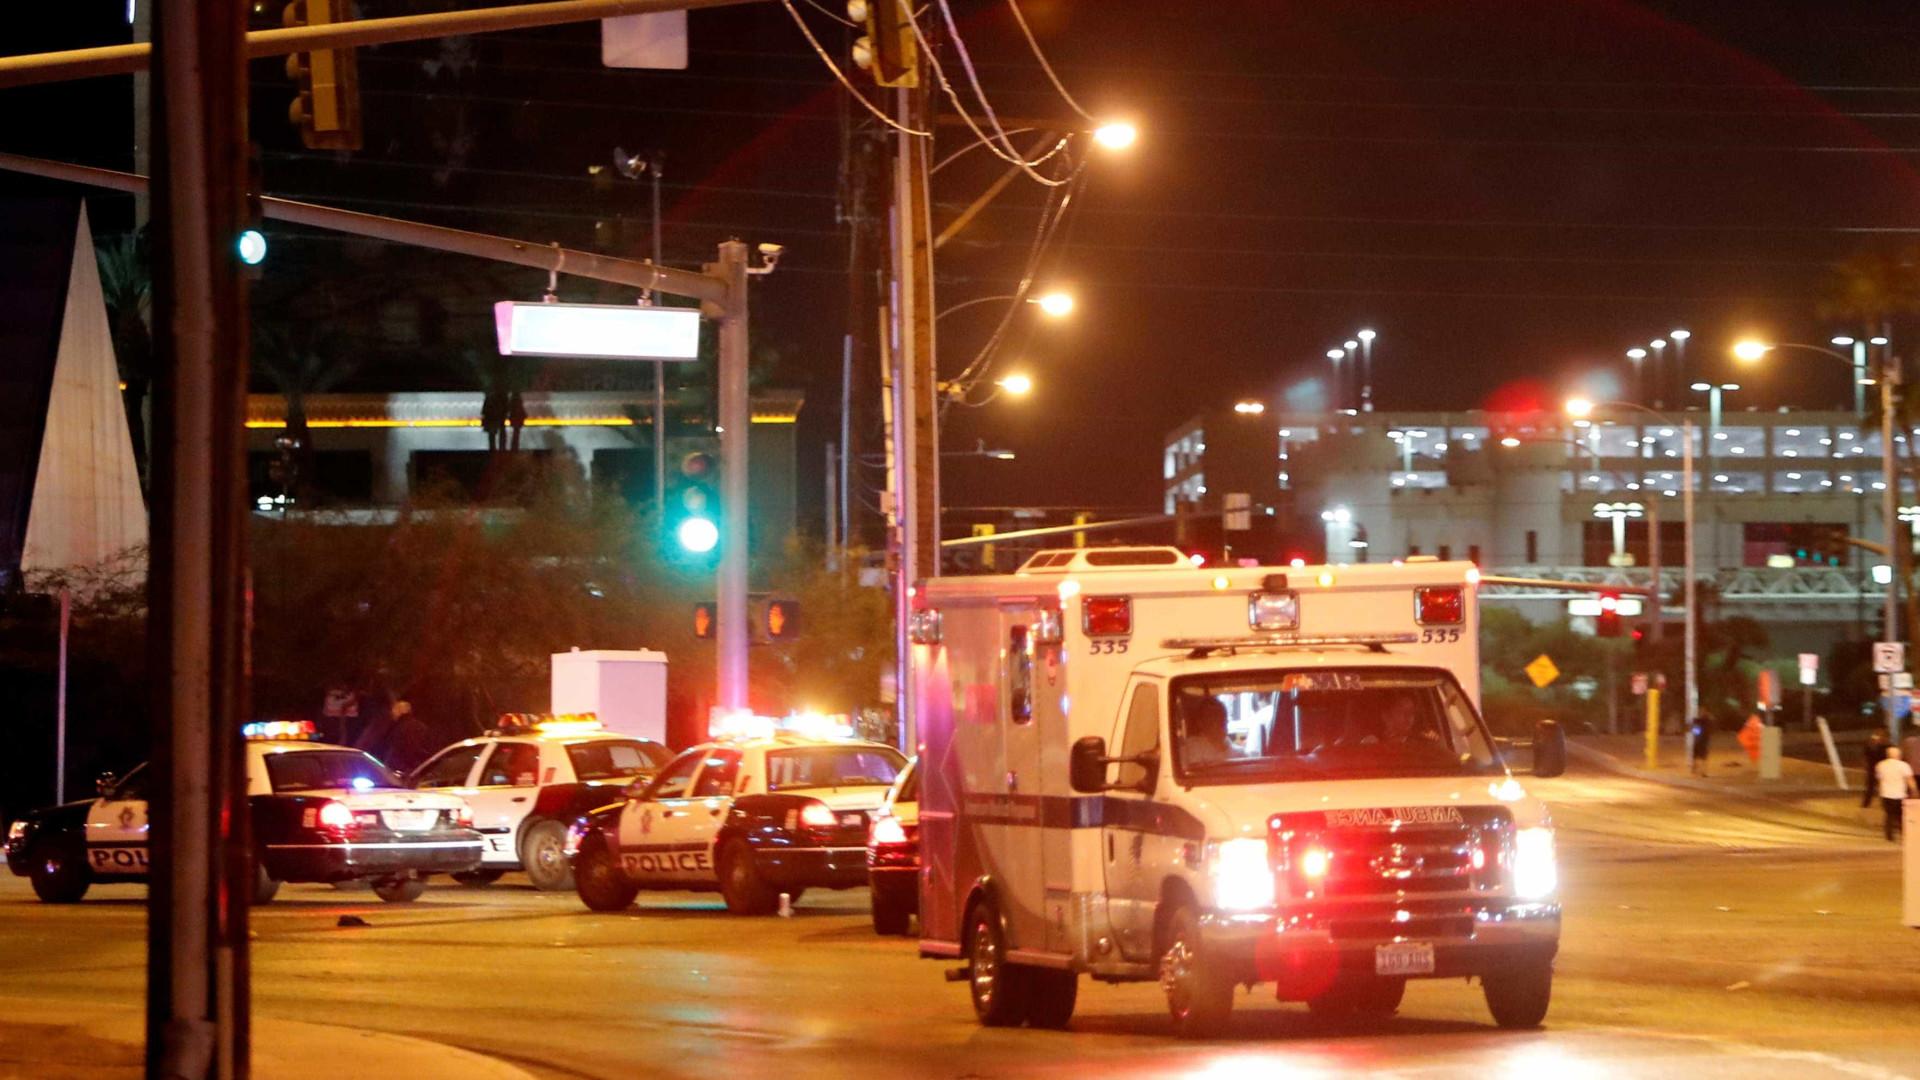 O que se sabe sobre o tiroteio em Las Vegas?